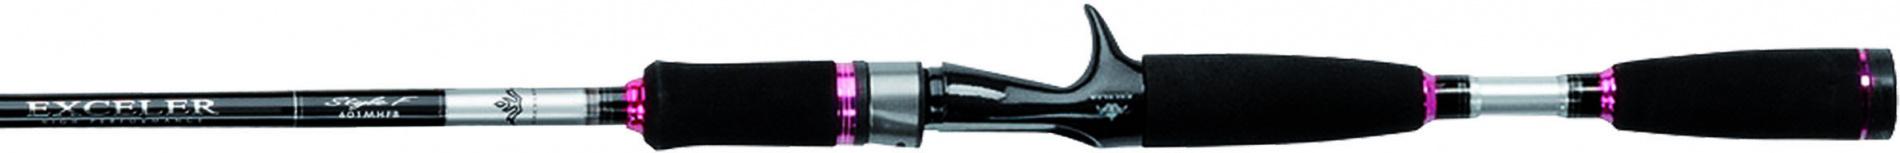 """Спиннинг штек. DAIWA Exceler EXSF 702 HFS 2,14м (14-56г)Спинниги<br>» Обновленная серия удилищ """"EXCELER FRESHWATER"""" <br>» Бланки из высокомодульного графита » <br>Катушкодержатель Click Adjust для надежной фиксации <br>(в моделях 6' и6'6'') » Пропускные кольца <br>со вставками SiC » Рукоятка из долговечного <br>материала EVA » Усиленное графитовой спиралью <br>нижнее колено<br>"""